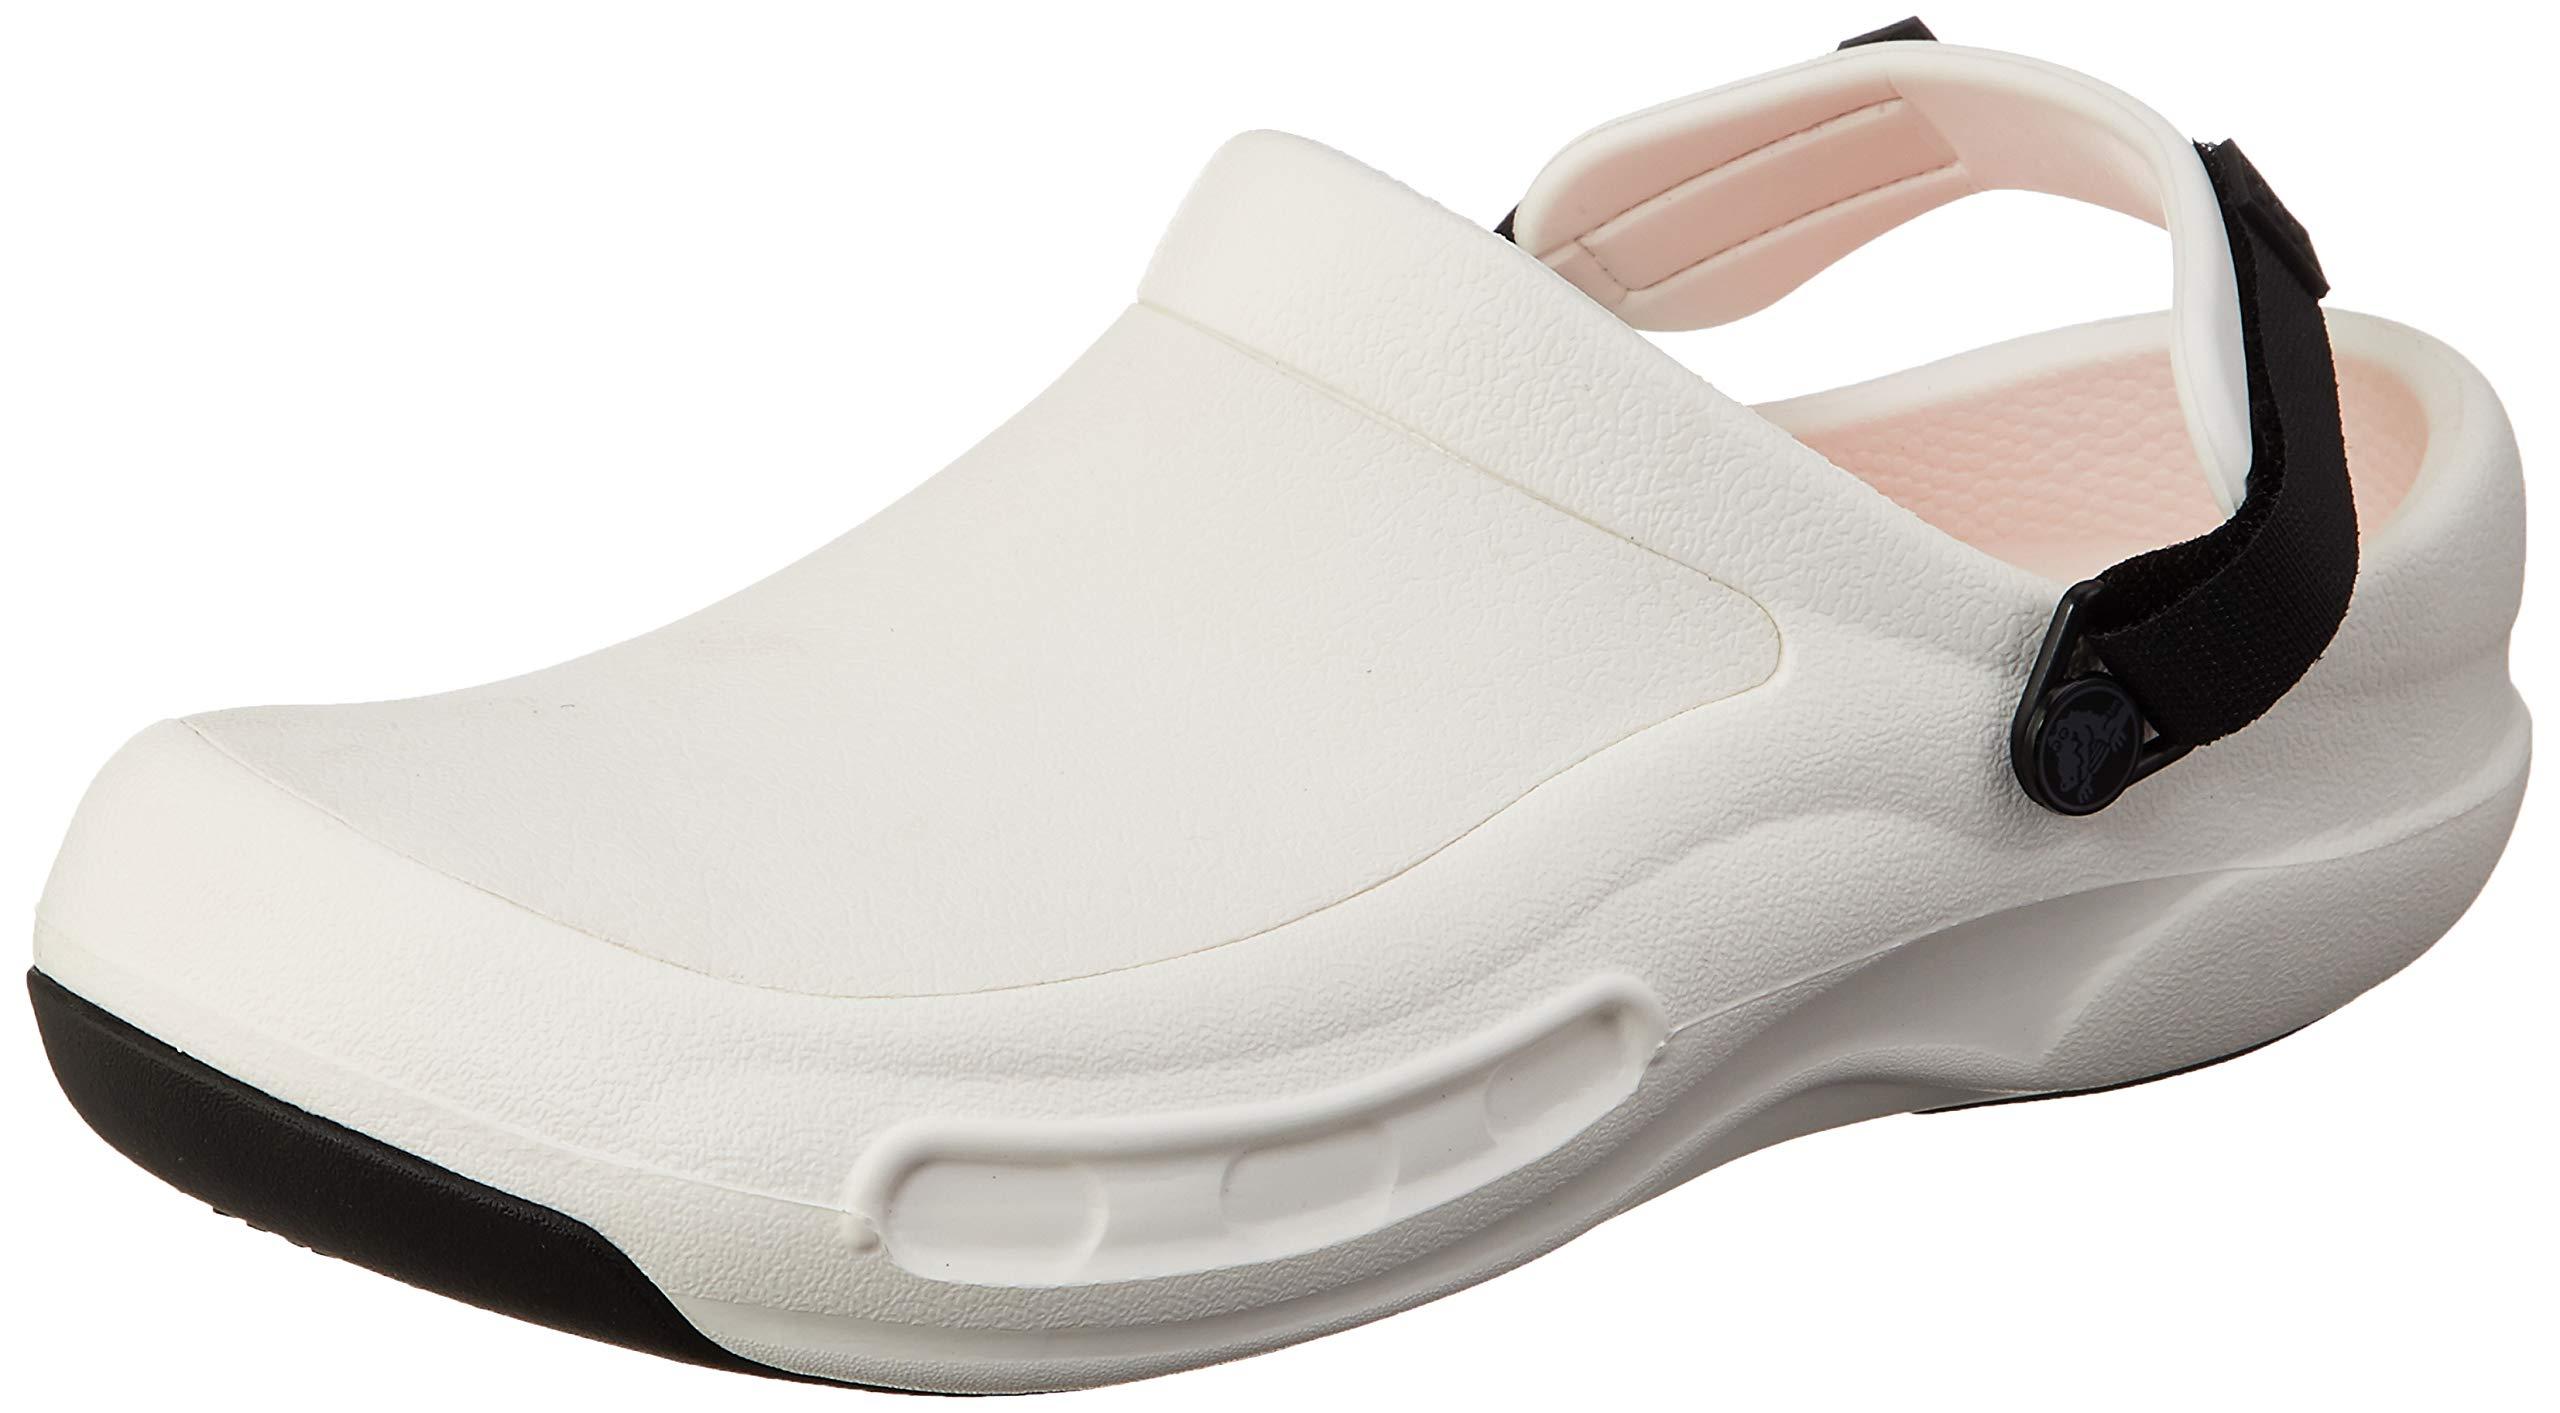 0bac8ba14 Galleon - Crocs Bistro Pro LiteRide Clog